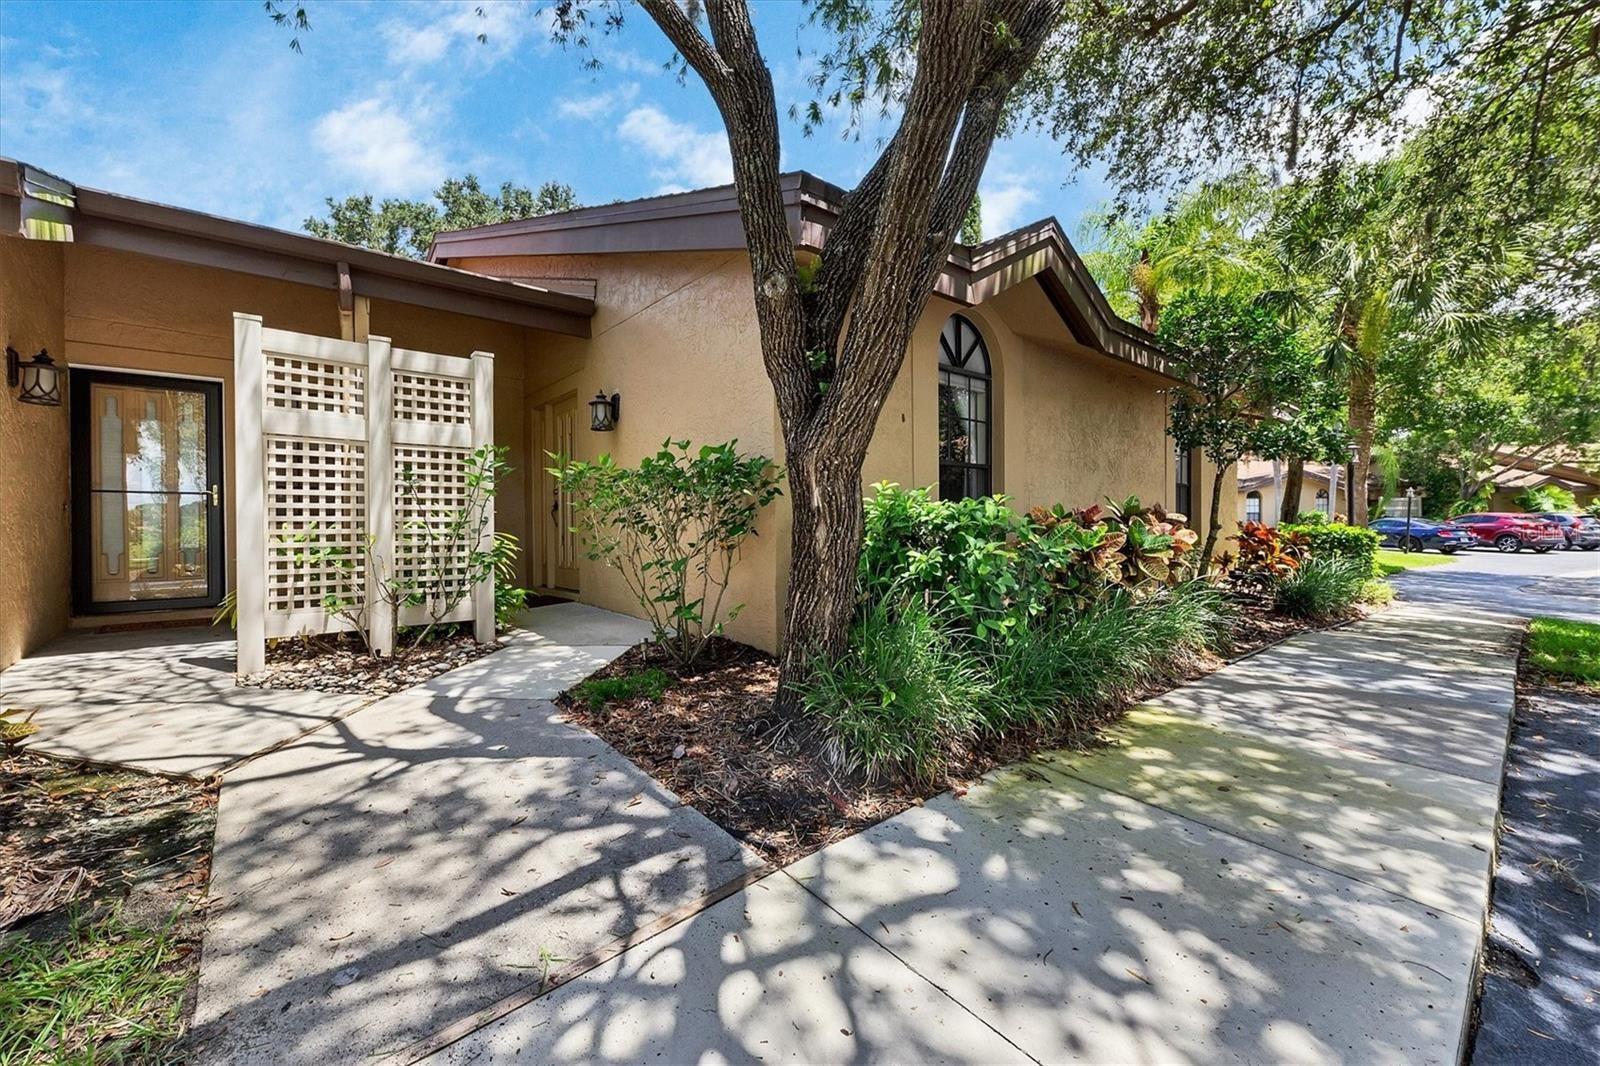 4517 MORNINGSIDE #5, Sarasota, FL 34235 - #: A4507395